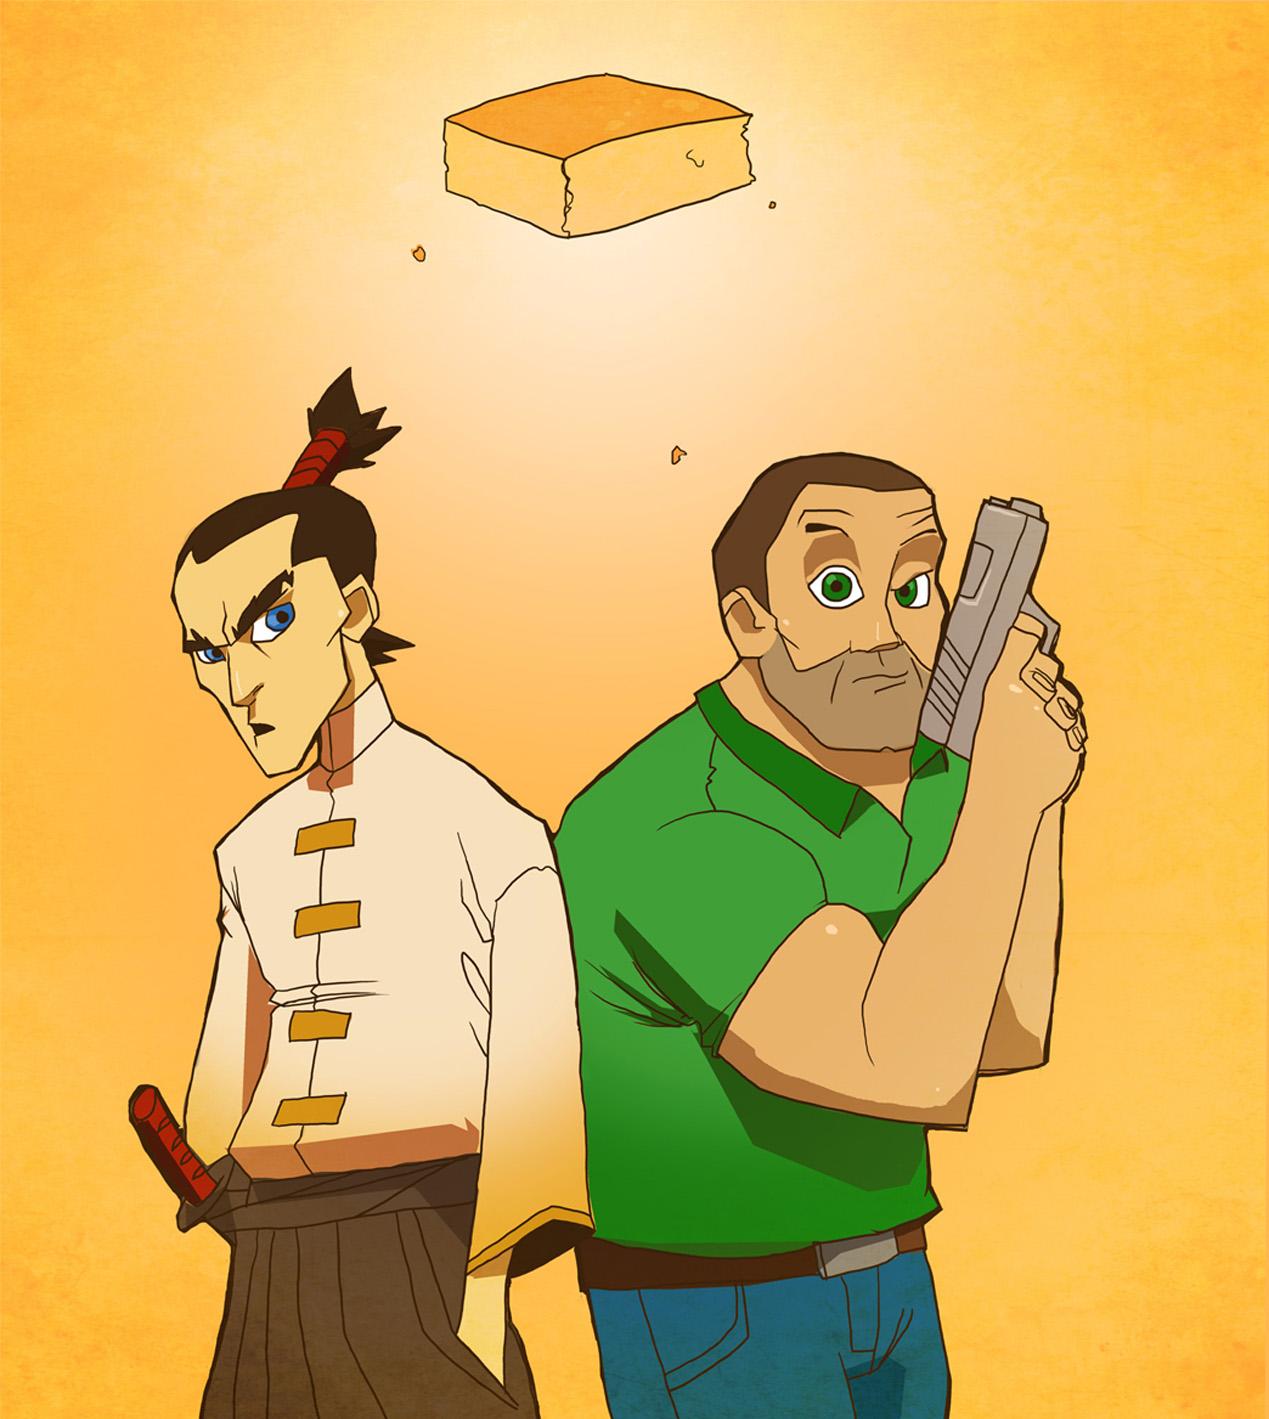 Cornbread Samurai fr Pico day